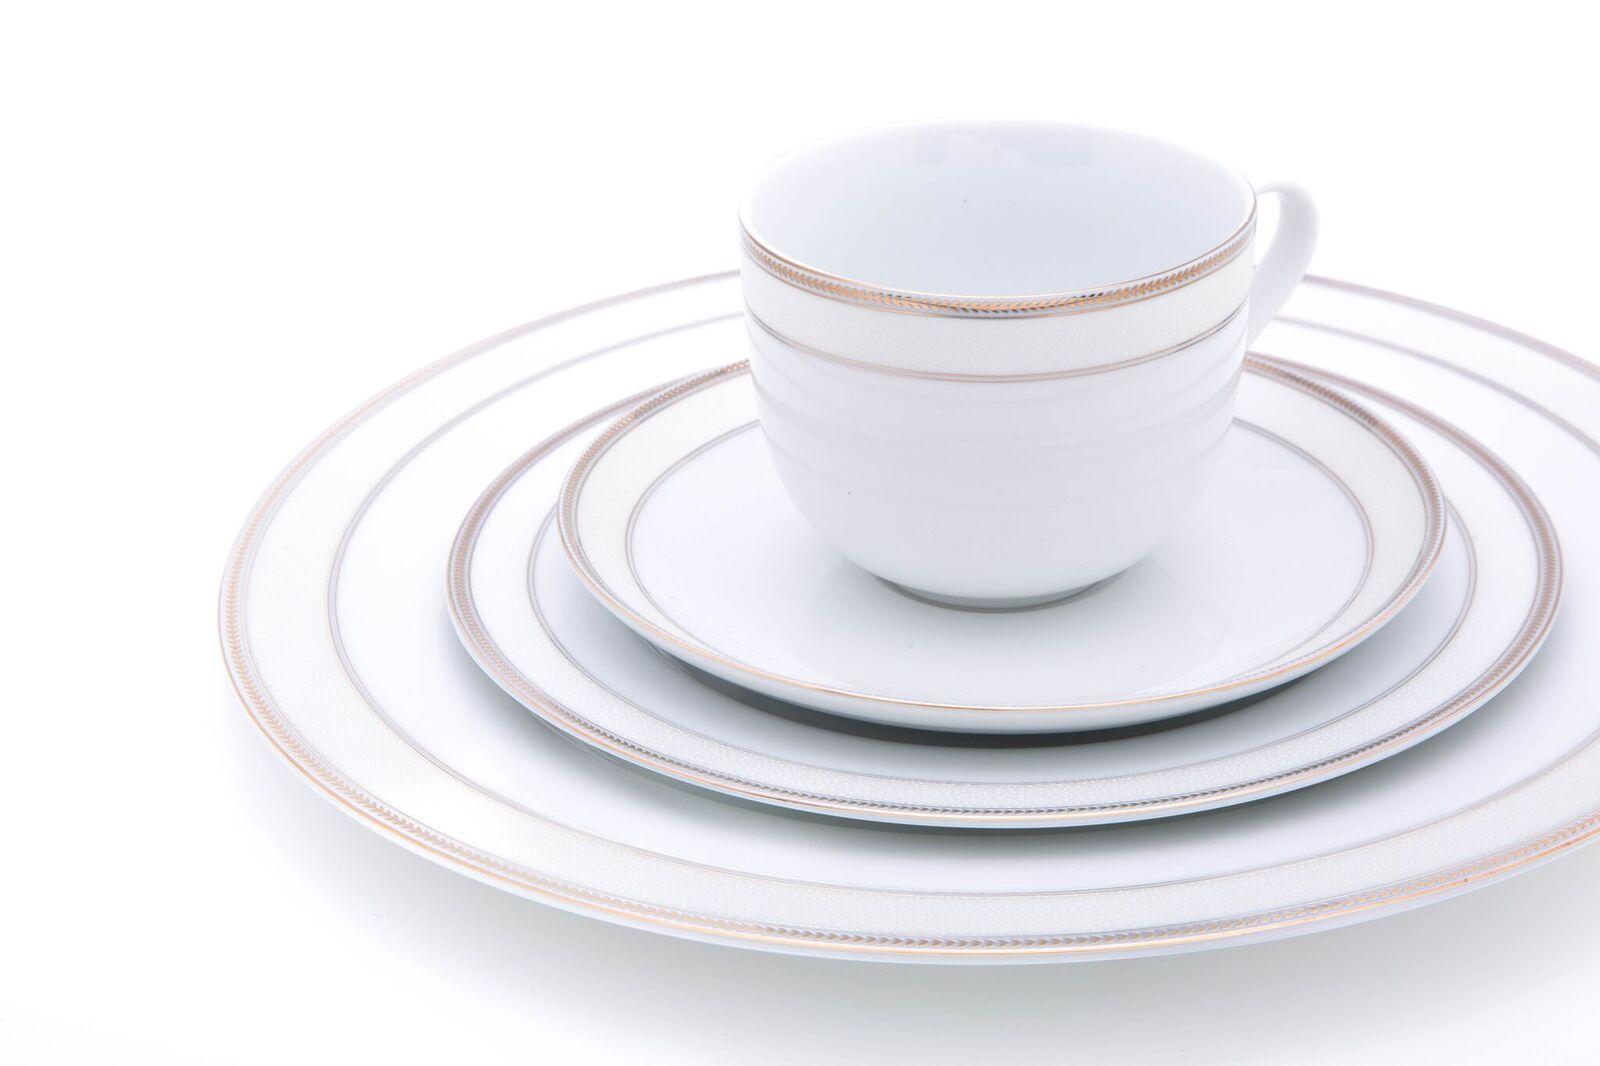 75 Off Last Day Promotion 20 Piece Premium Porcelain